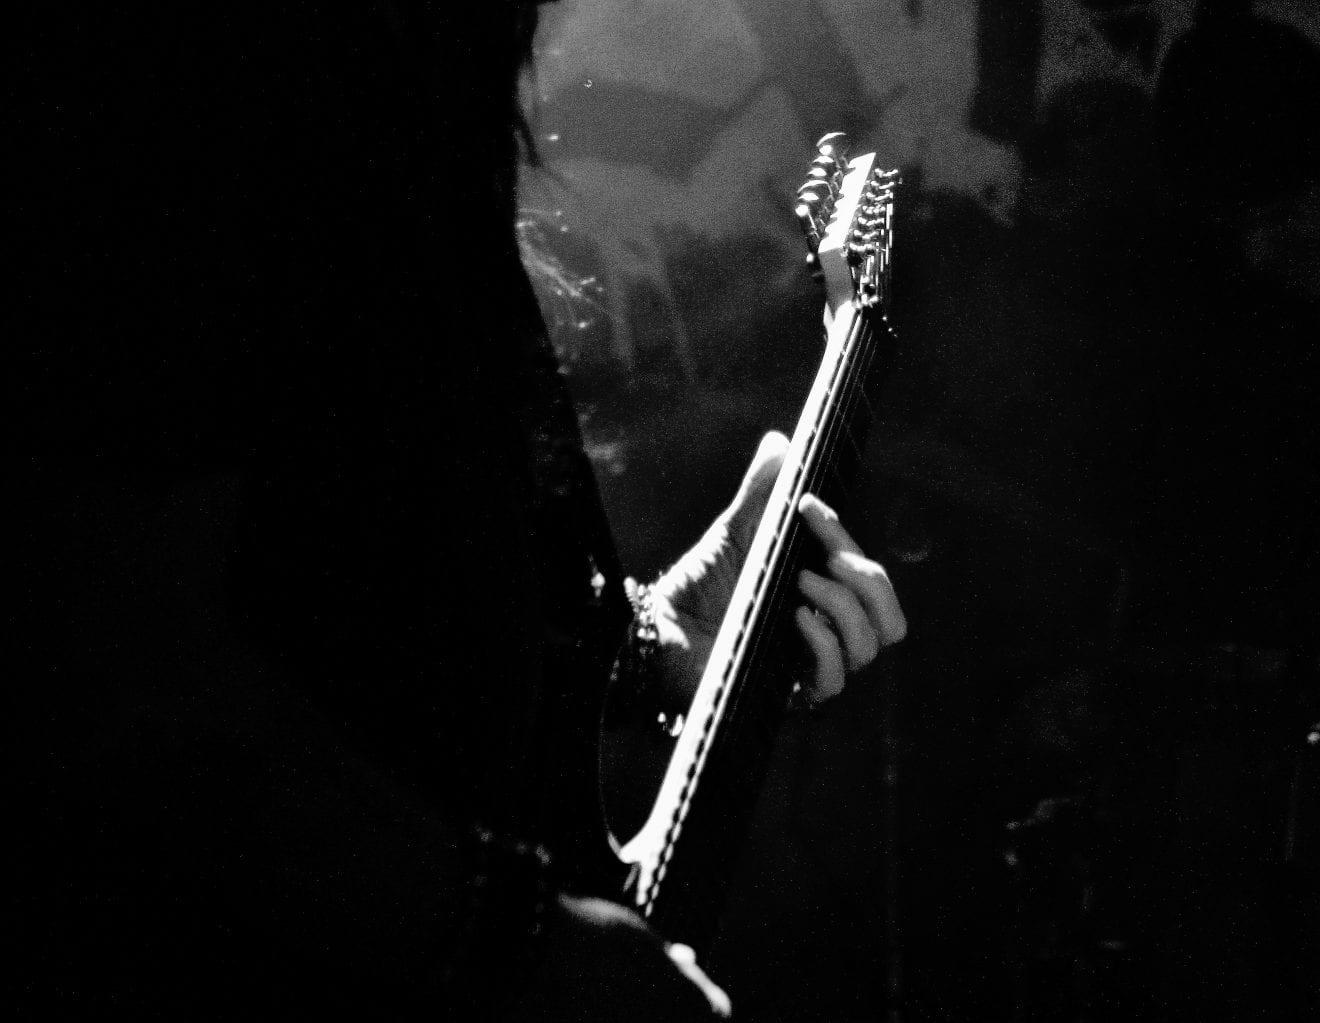 HiFi Klubben i Vejle inviterer til gratis intimkoncert i mørke